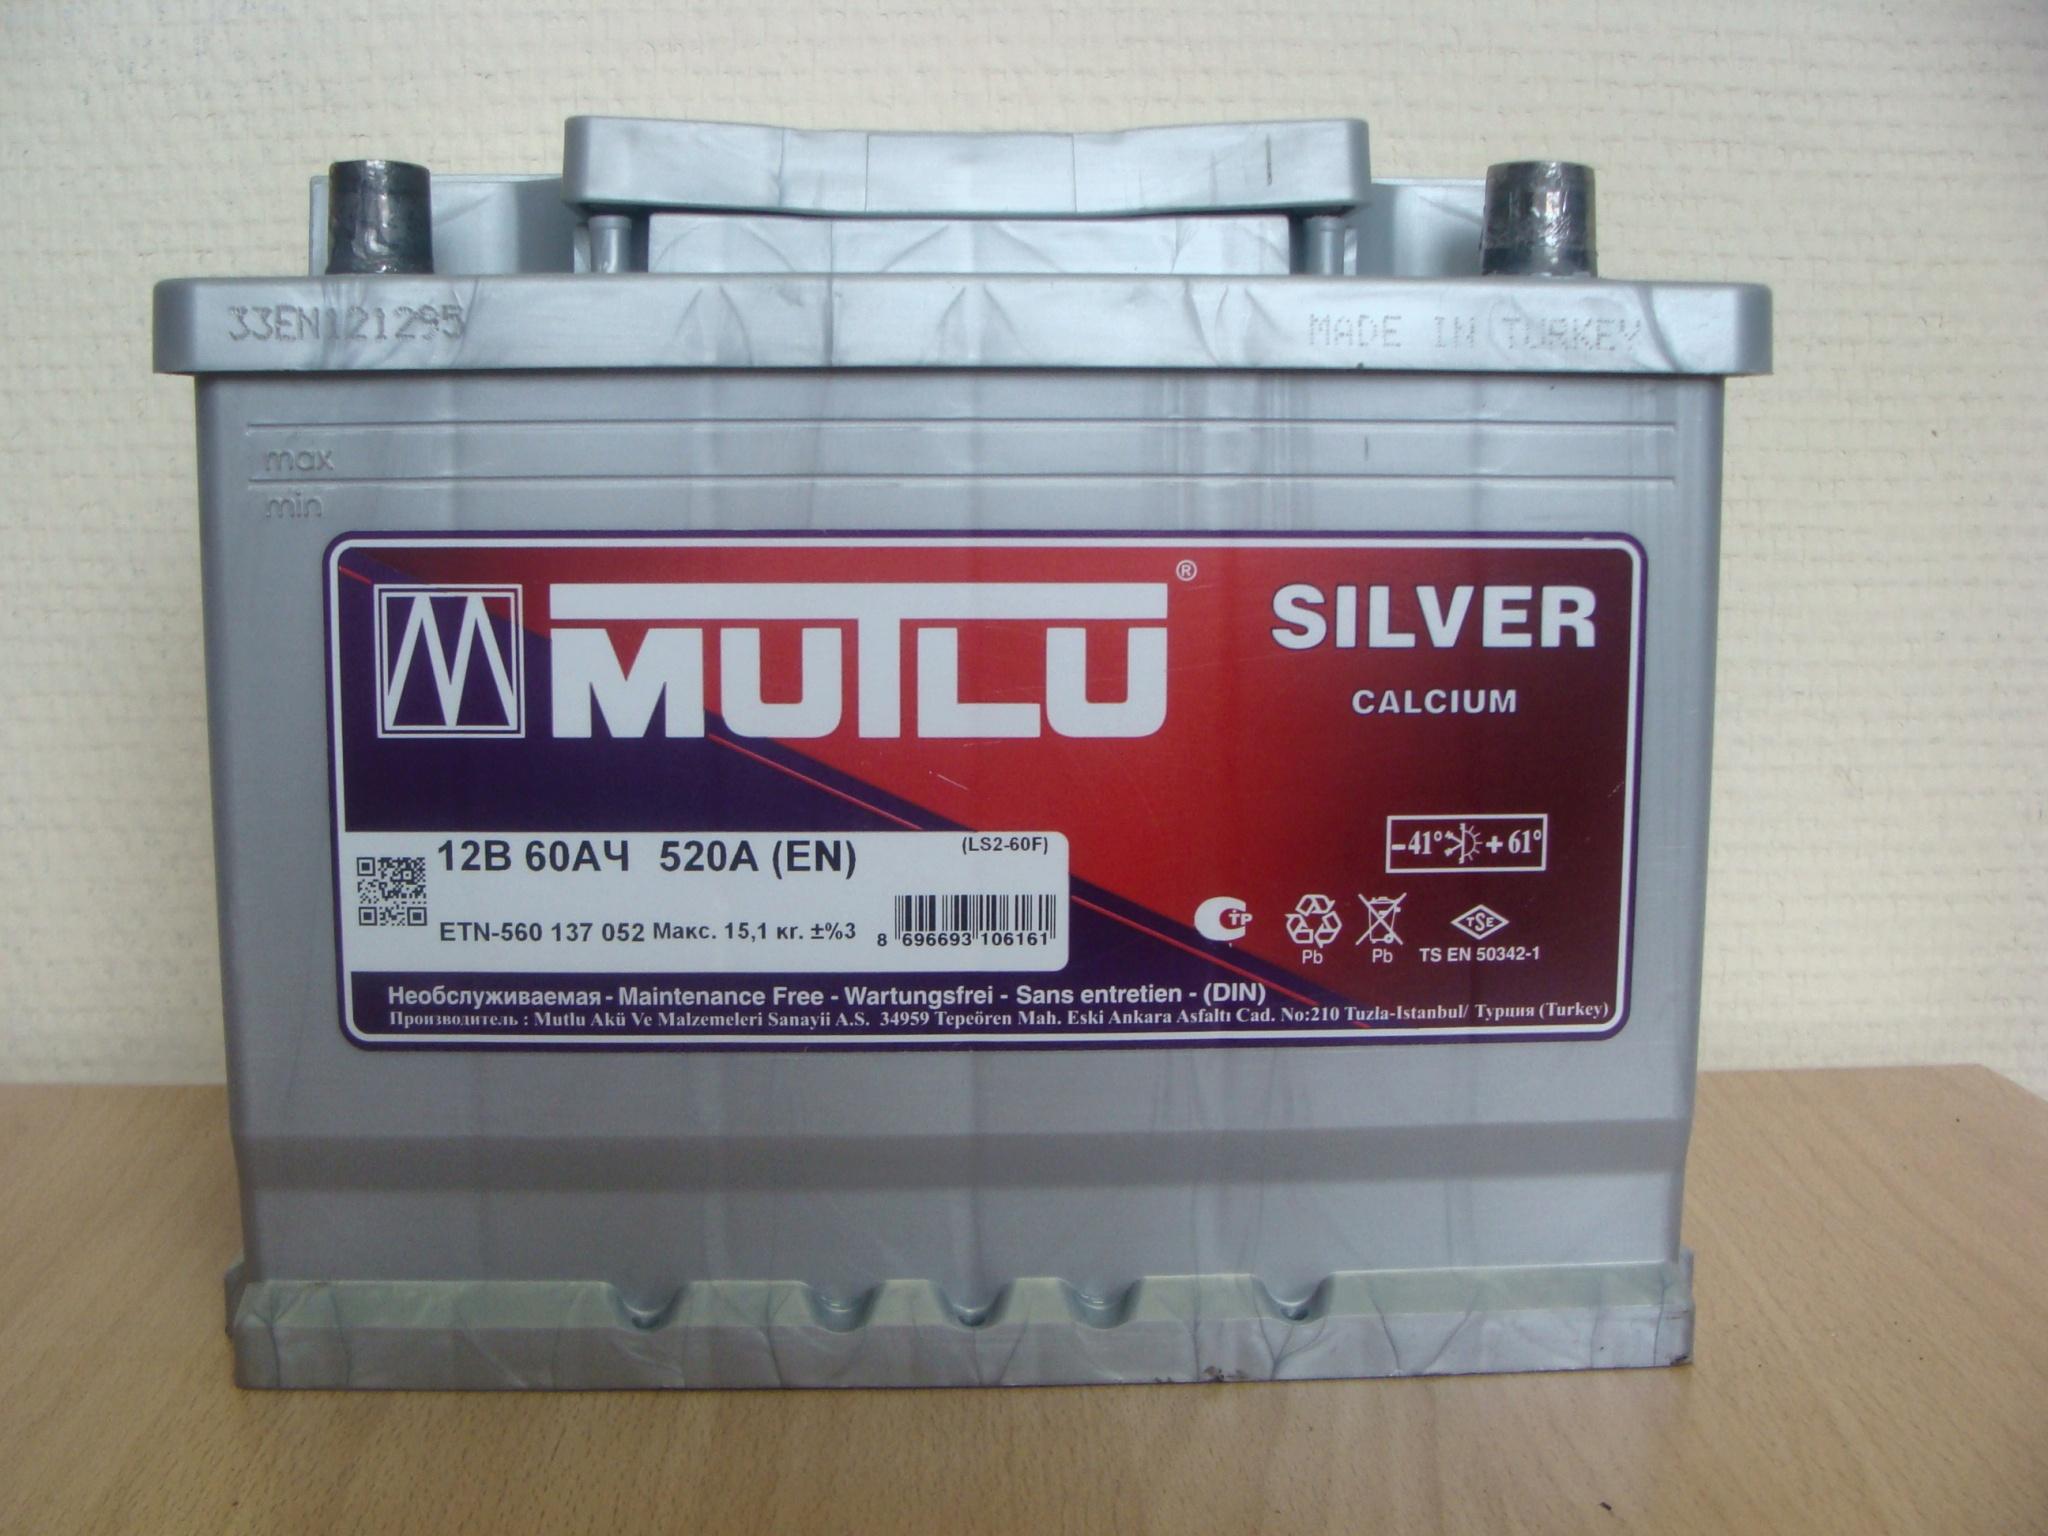 Инструкция аккумулятора mutlu mega calcium